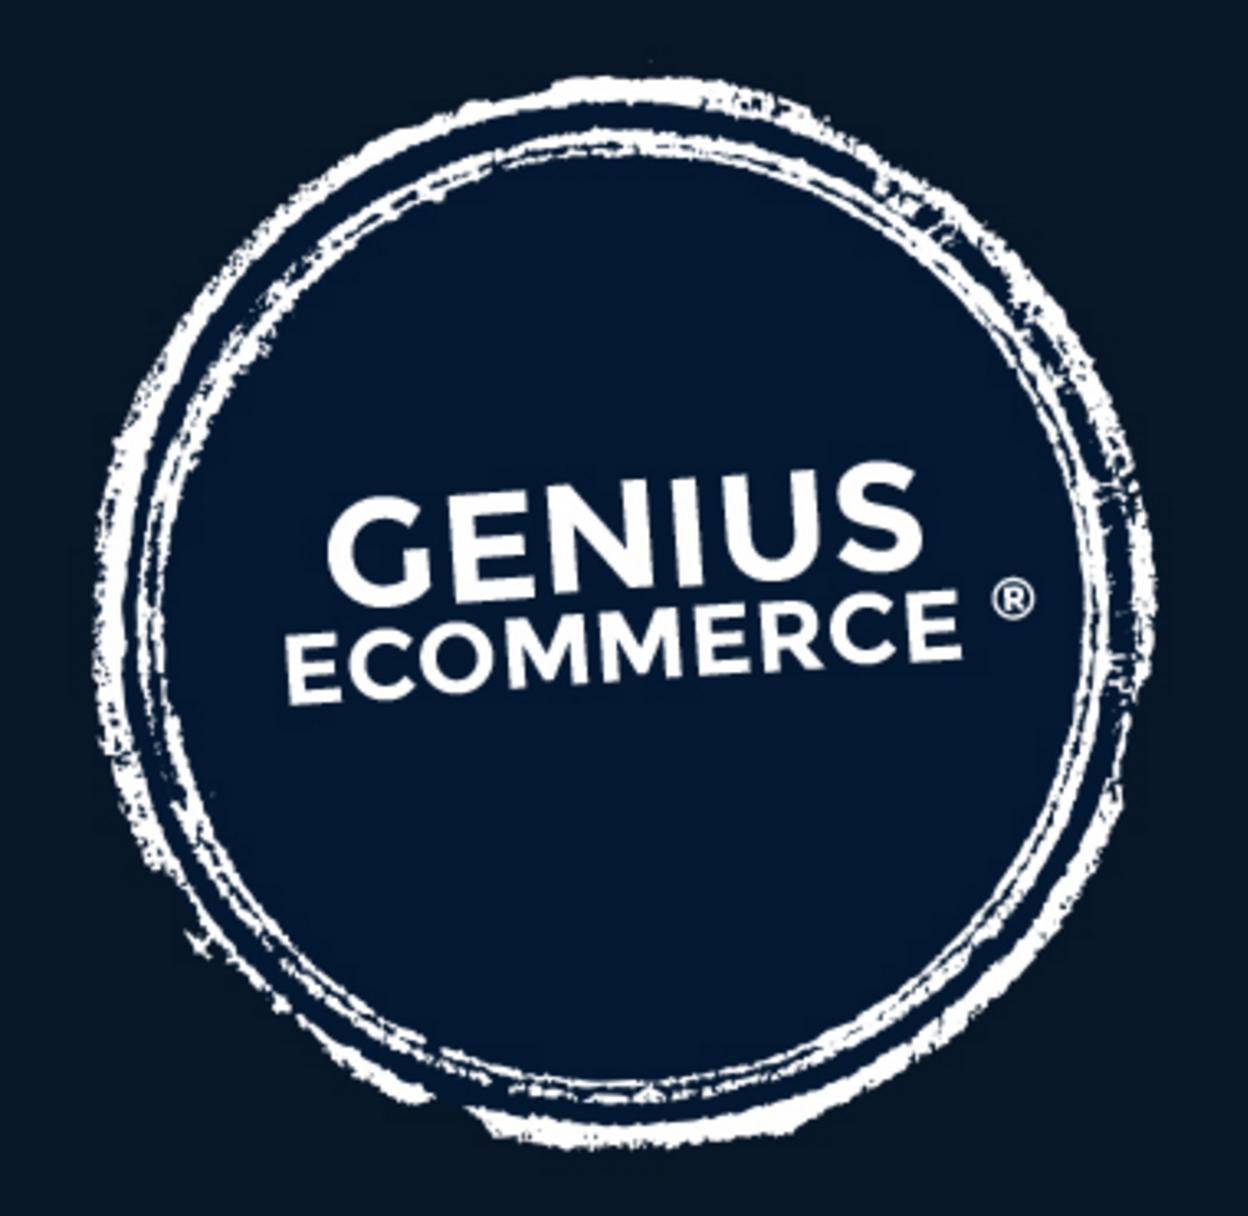 Genius eCommerce